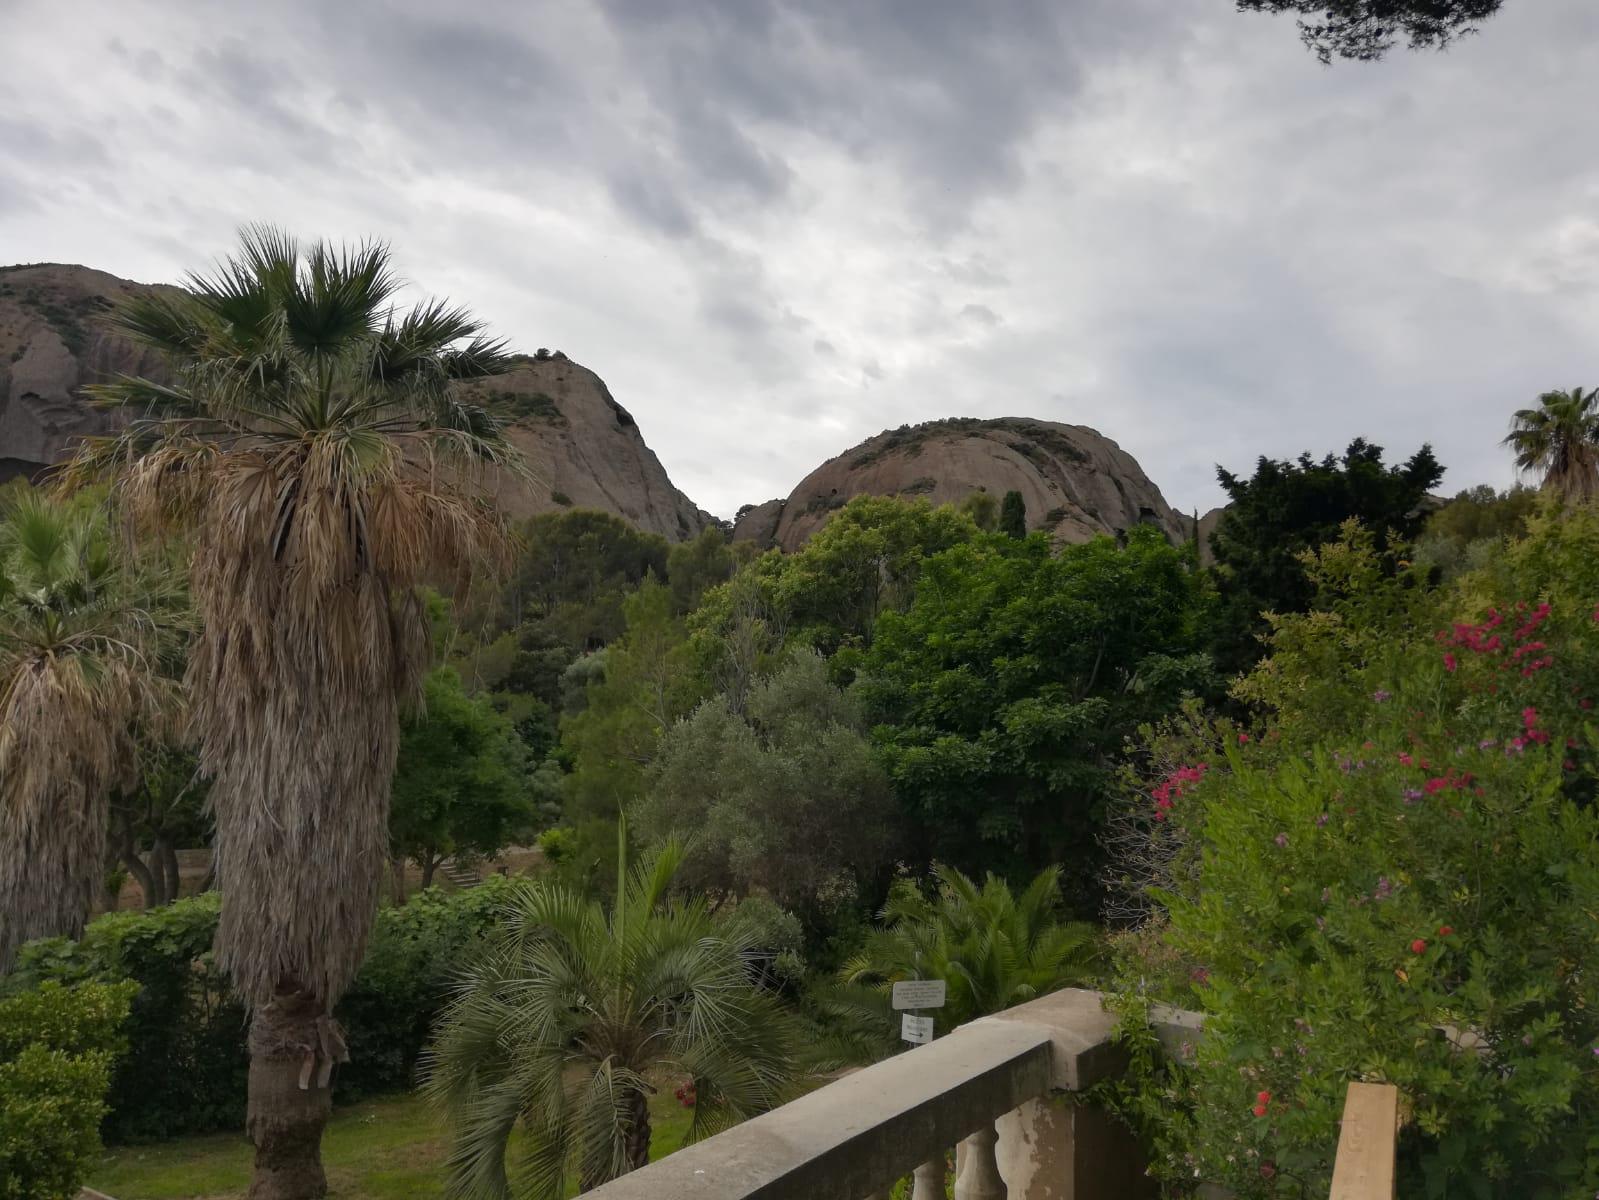 Parc du Mugel la Ciotat, Visiter la ciotat, quoi faire à la Ciotat